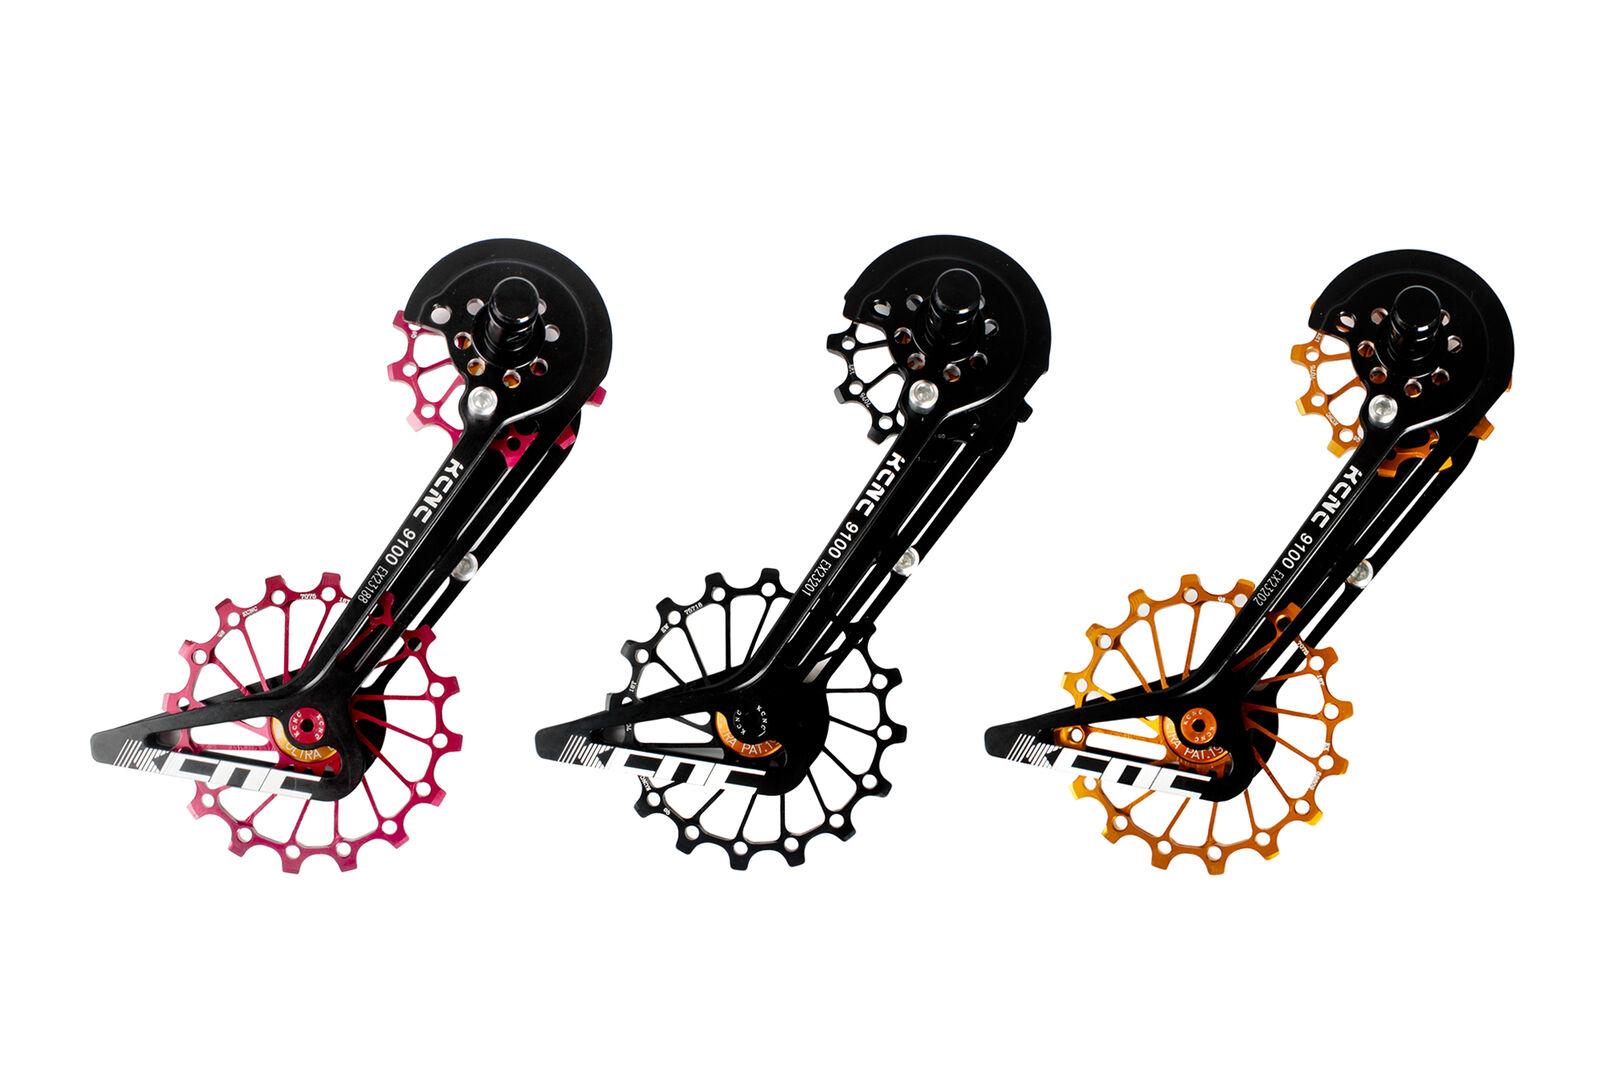 KCNC Carretera Bicicleta Bici Jaula de sistema de de de polea de gran tamaño para Shimano r9100 r8000 oro fb144a